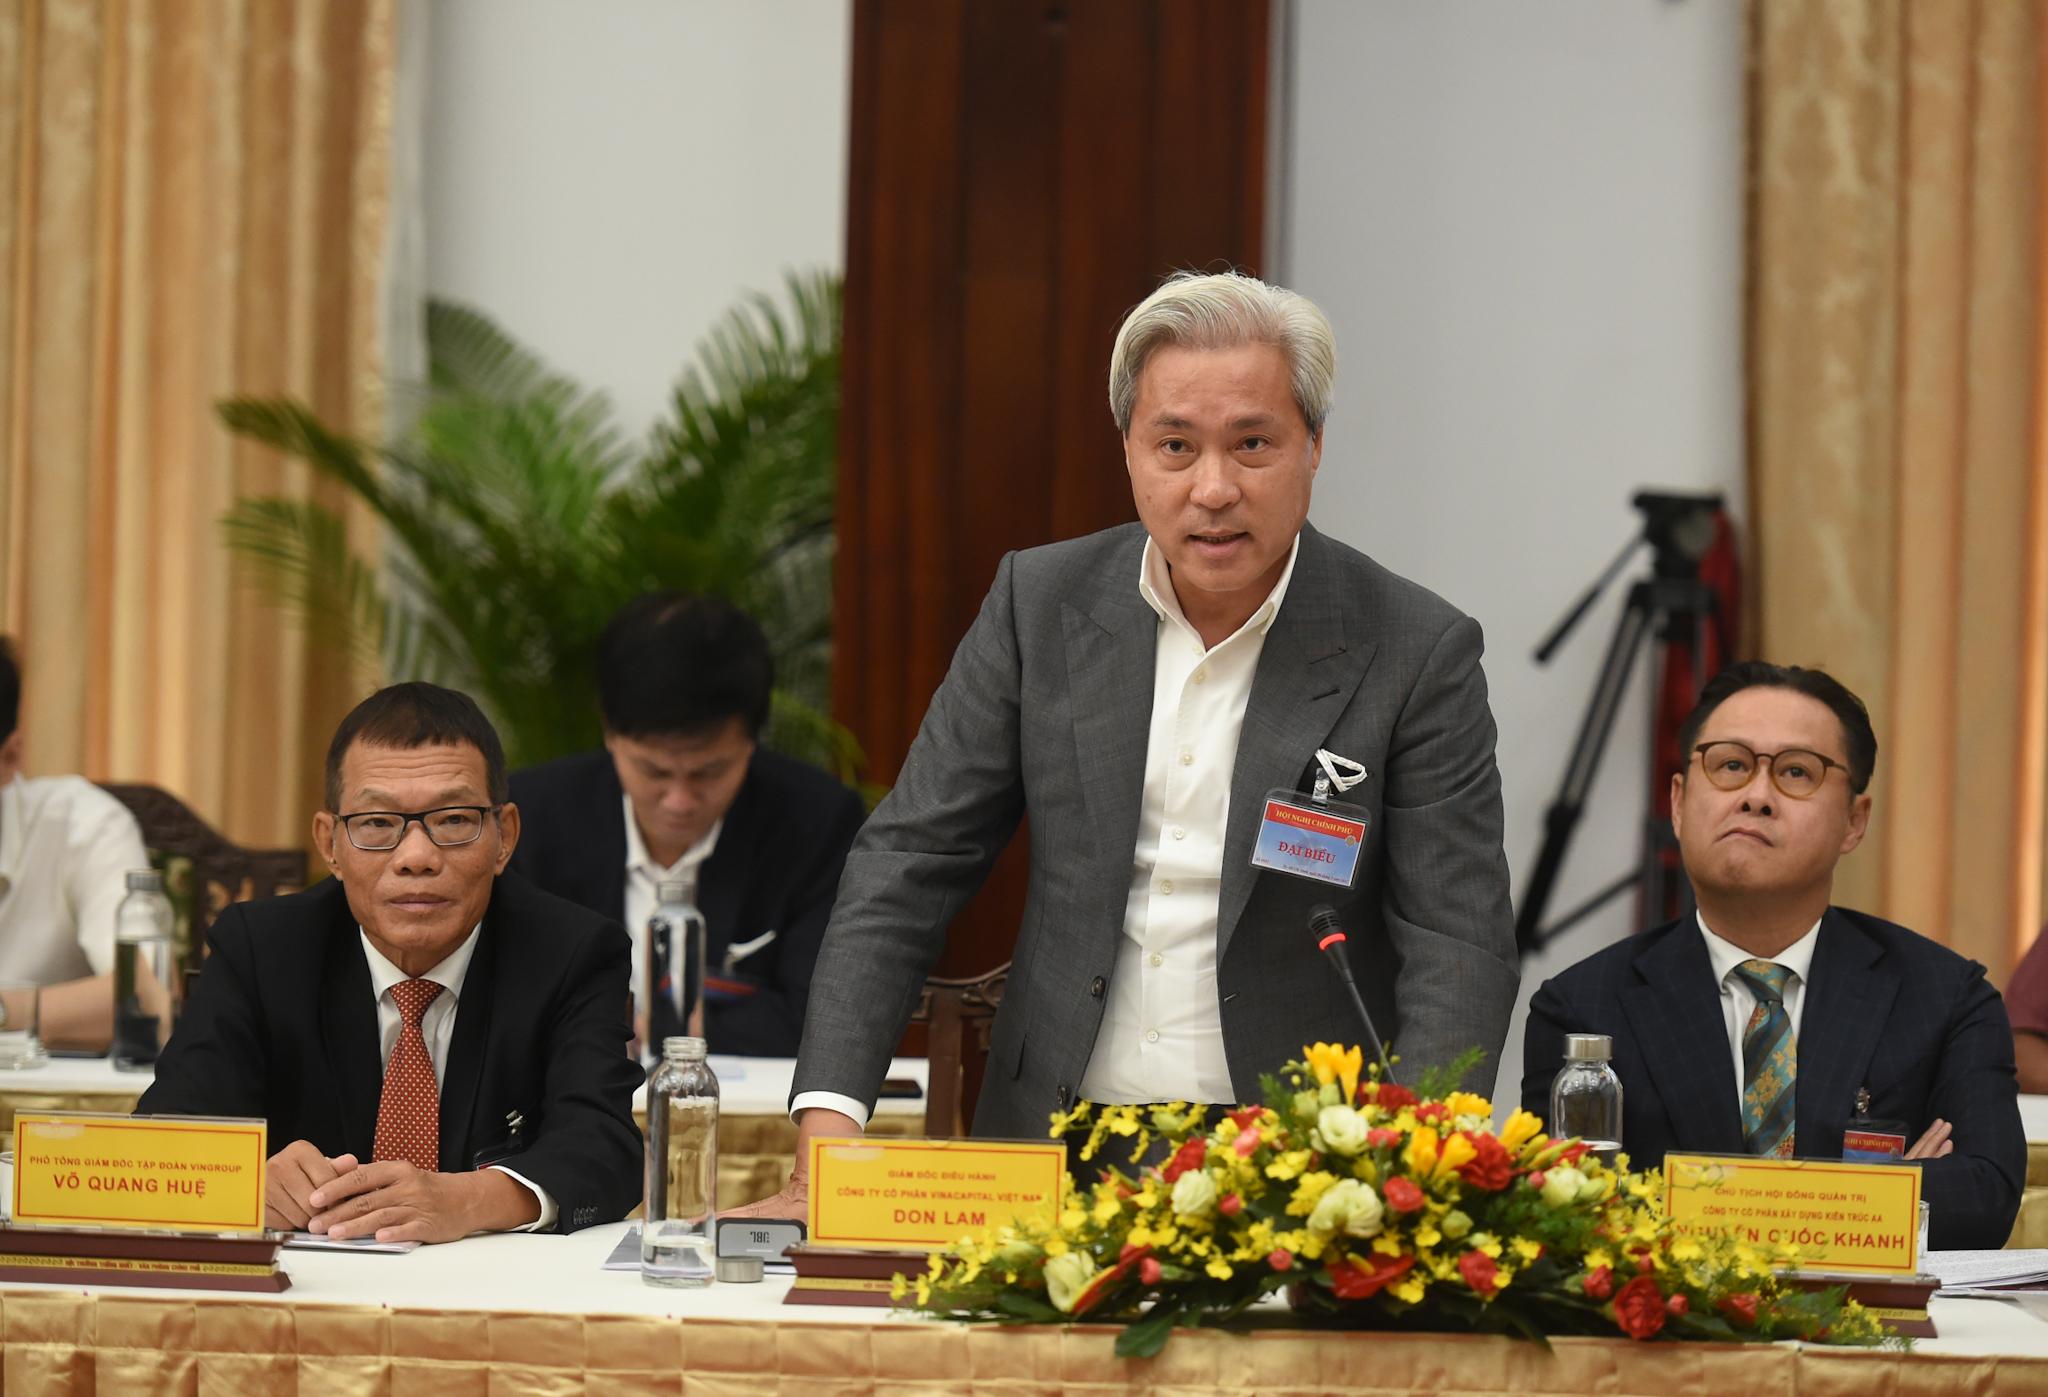 CEO VinaCapital: Cần ưu tiên phát triển hạ tầng kết nối TP HCM và các tỉnh phía Nam để thu hút 'đại bàng' - Ảnh 1.